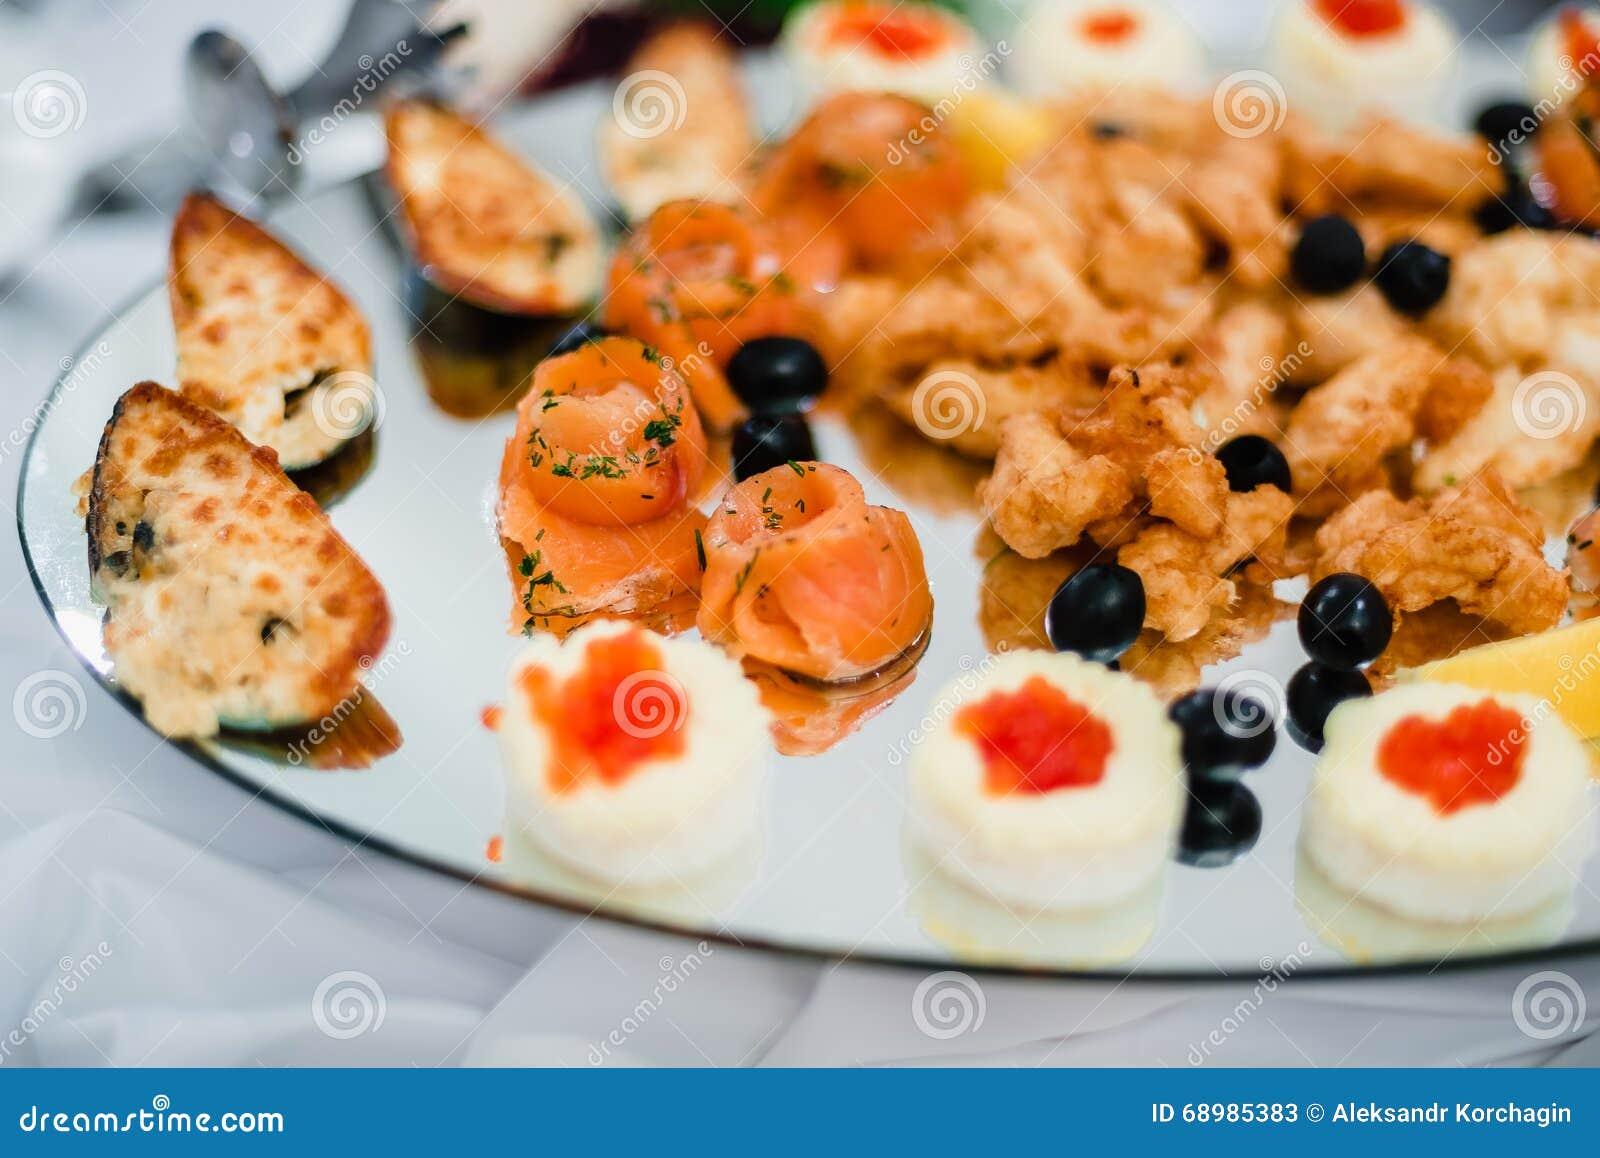 Salmones y mejillones cocinados en el restaurante